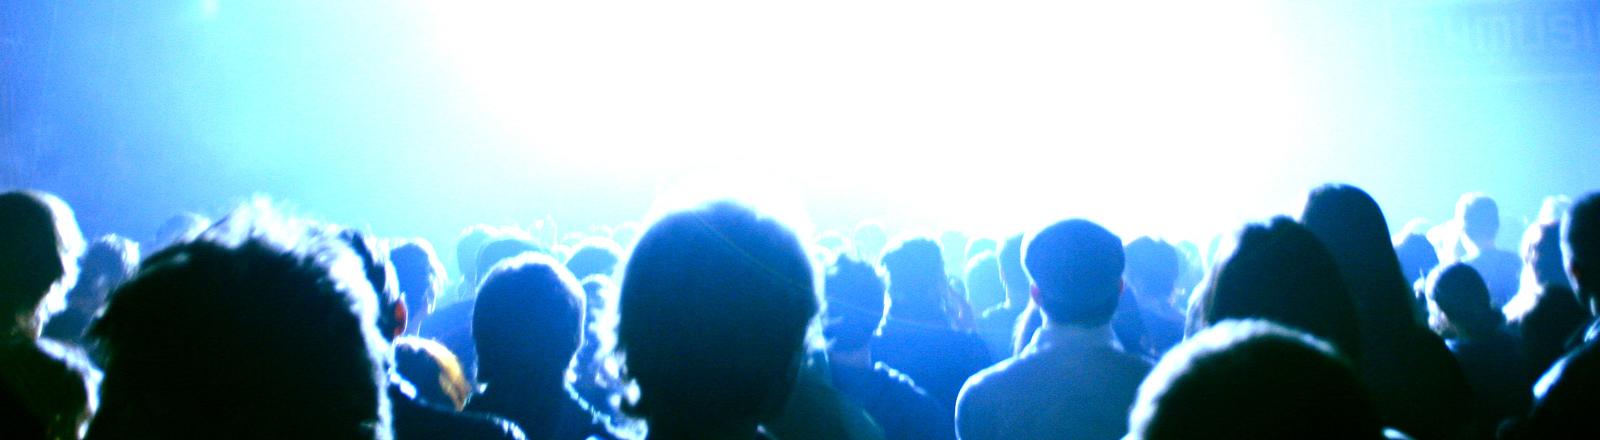 Zuschauer in einem Kino